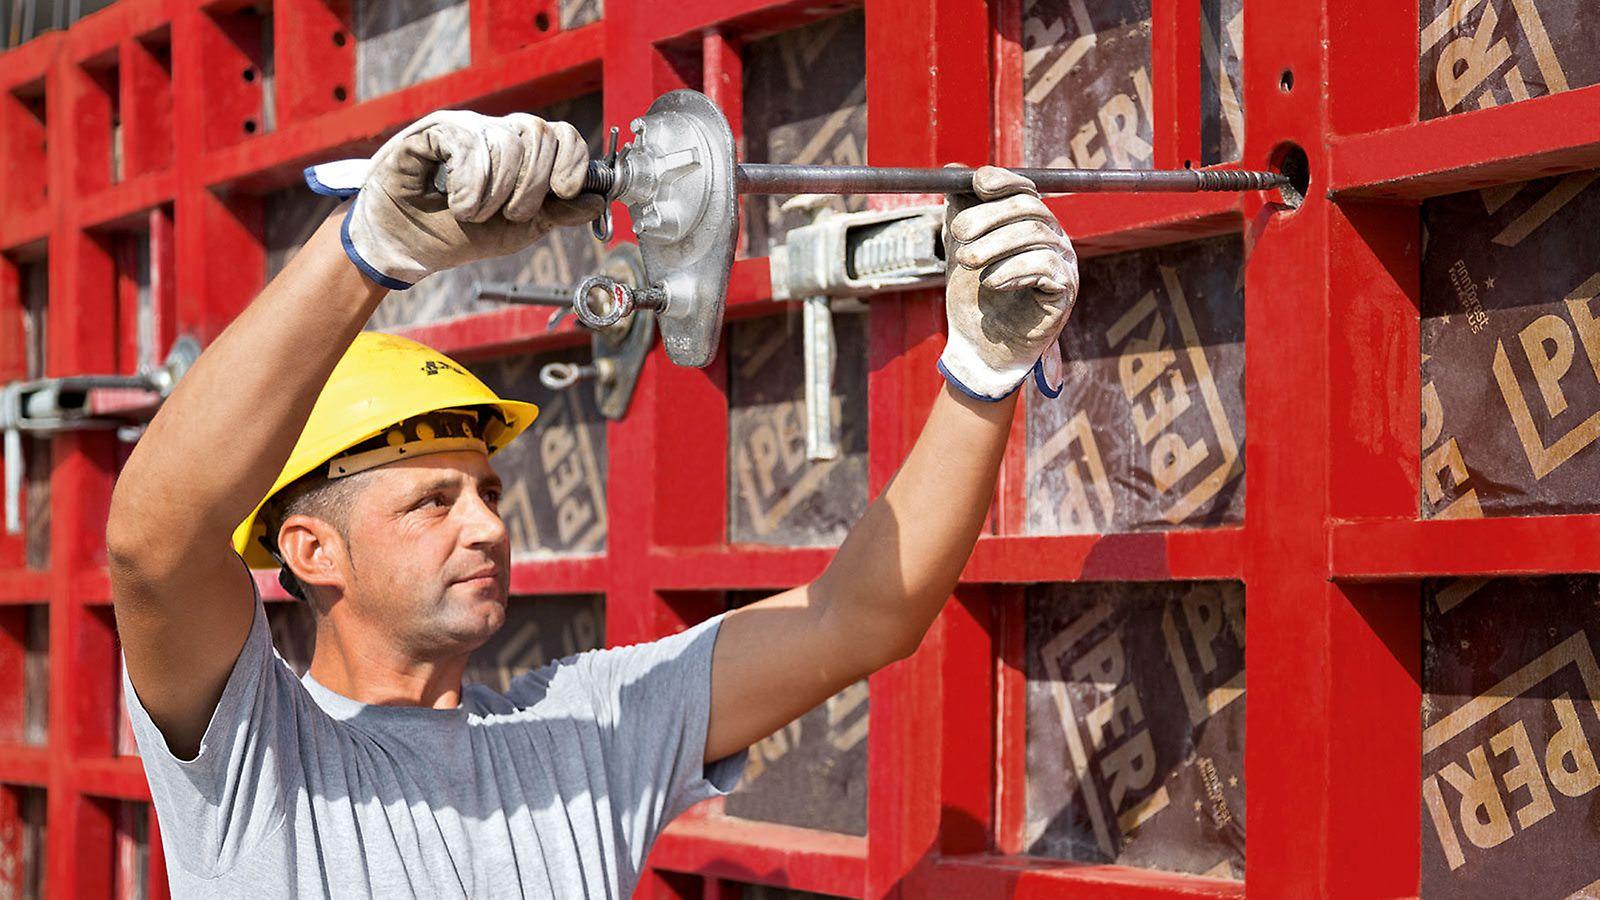 Le montage des ancrages spéciaux MX s'effectue d'un seul côté, sans fourreaux ni cônes, ce qui se traduit par une réduction des coûts et une économie de matériel tout en permettant de gagner du temps